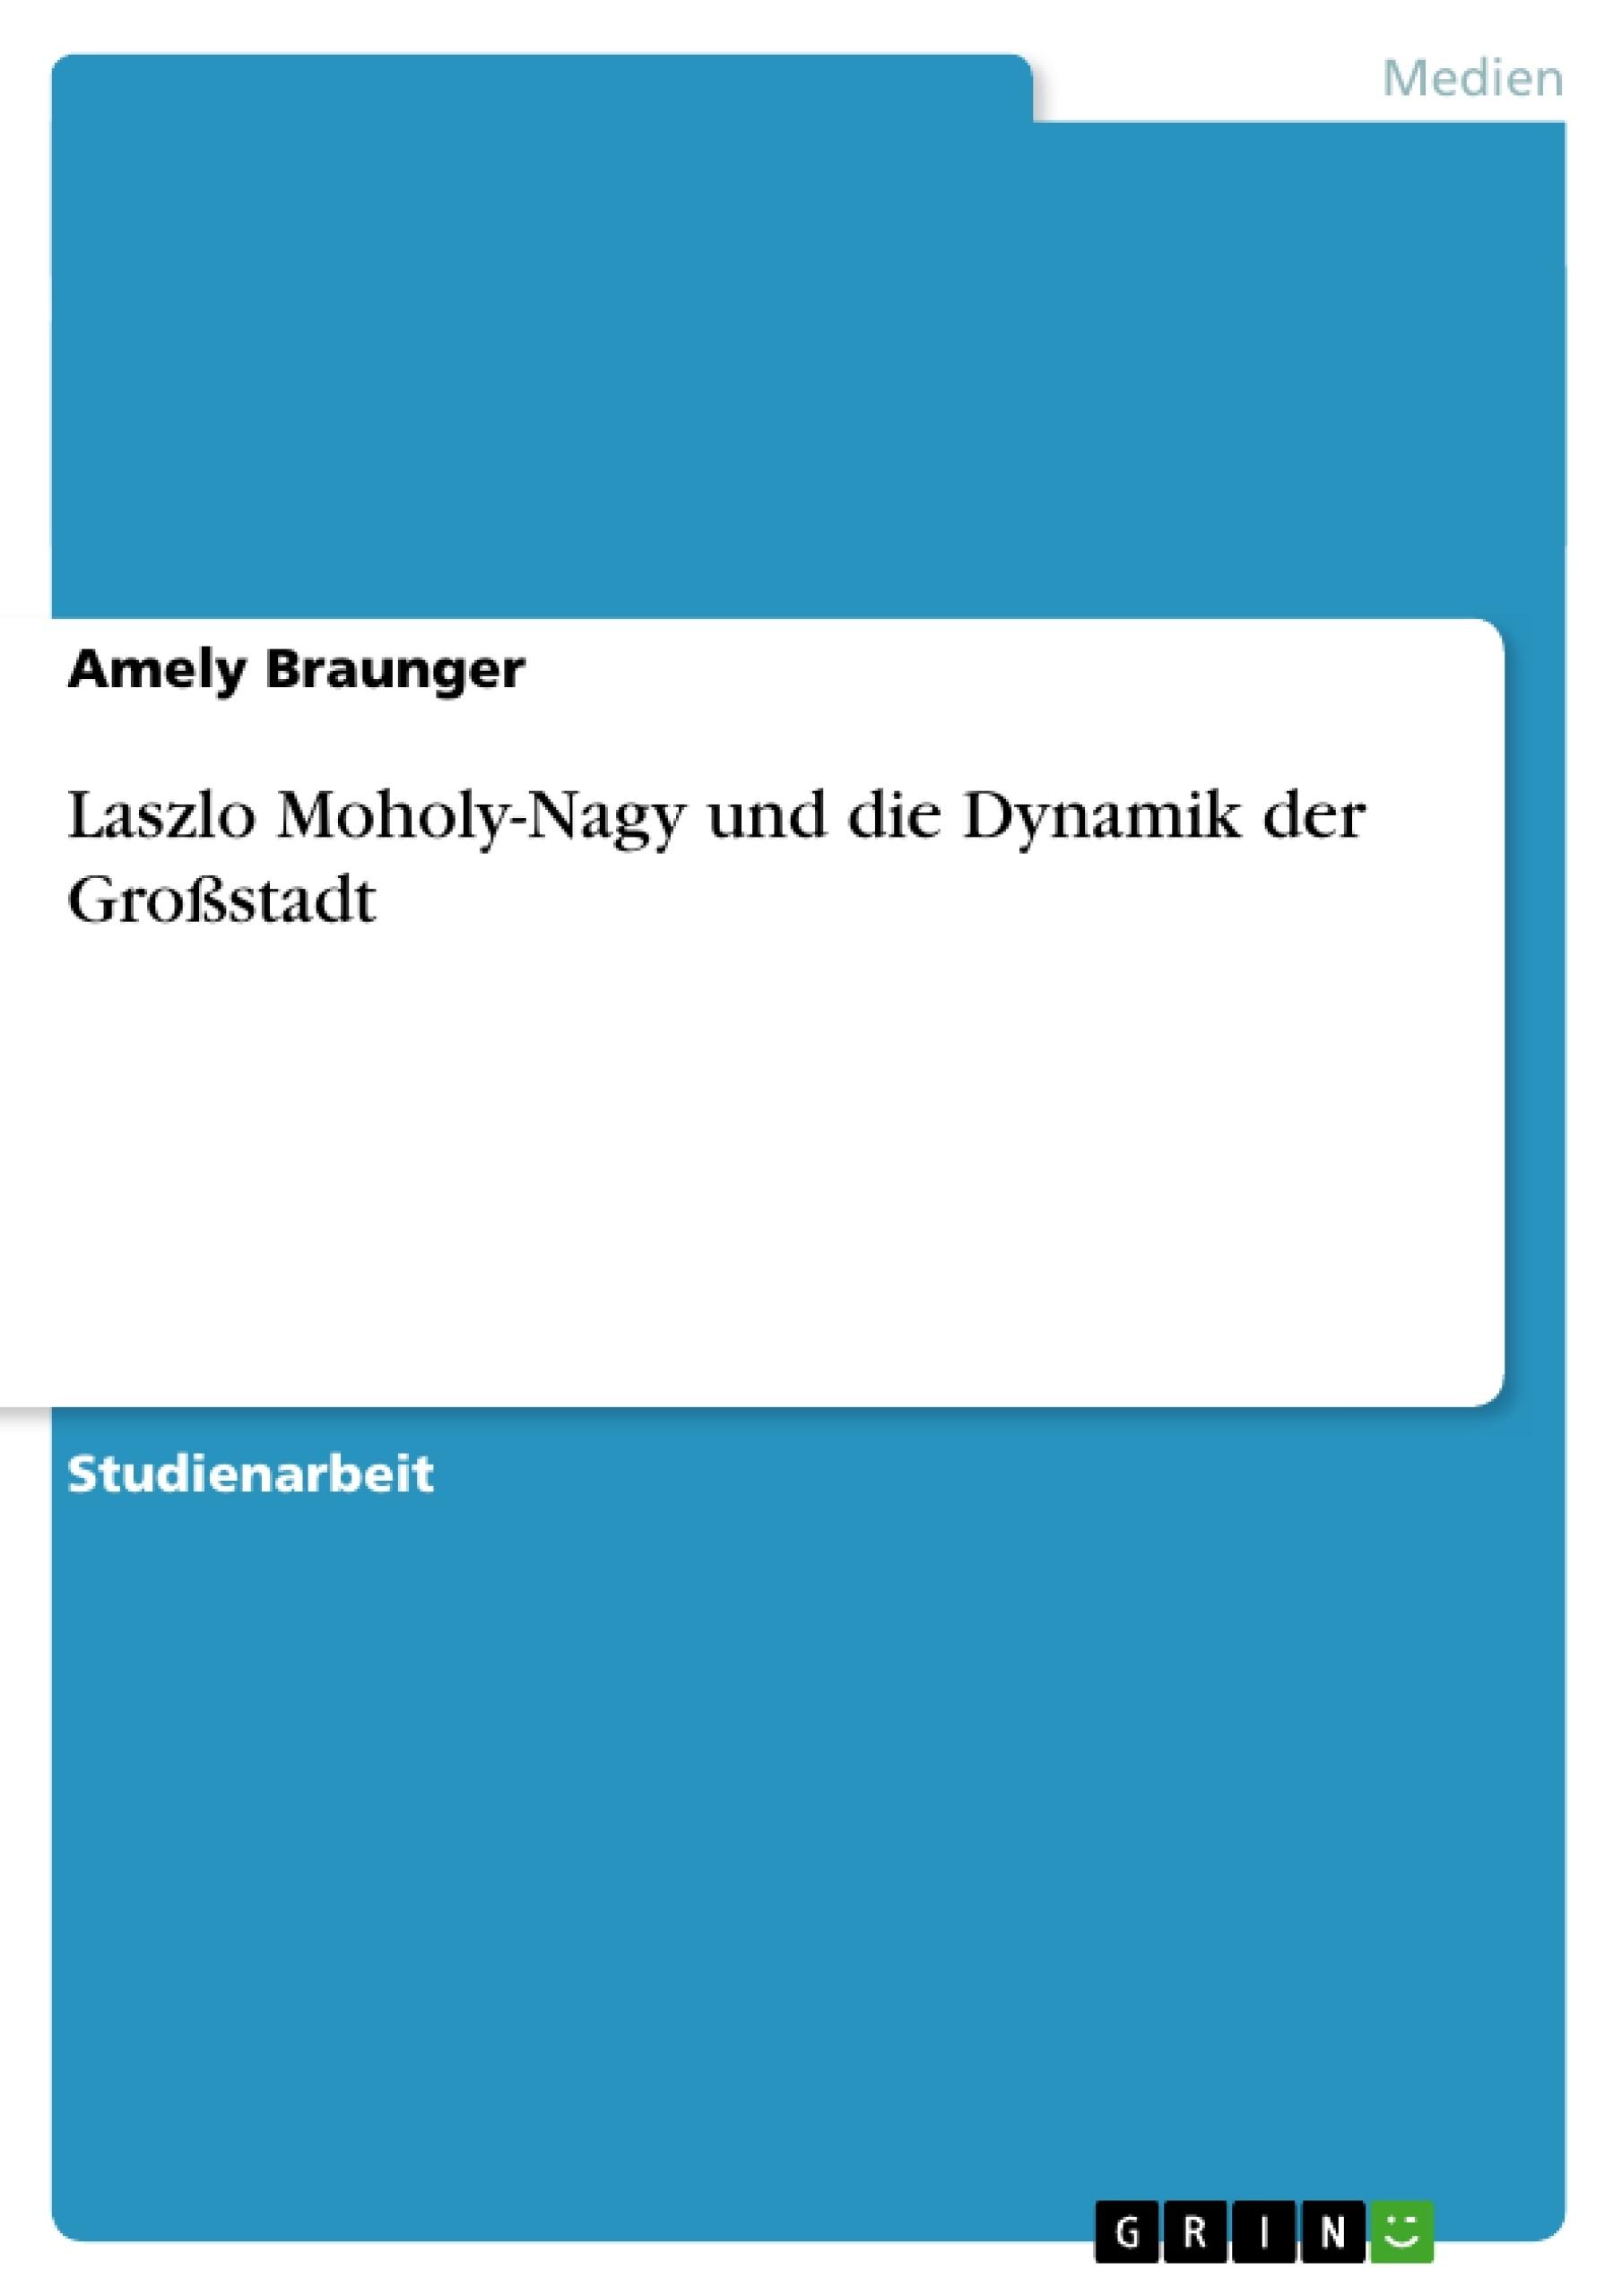 Titel: Laszlo Moholy-Nagy und die Dynamik der Großstadt